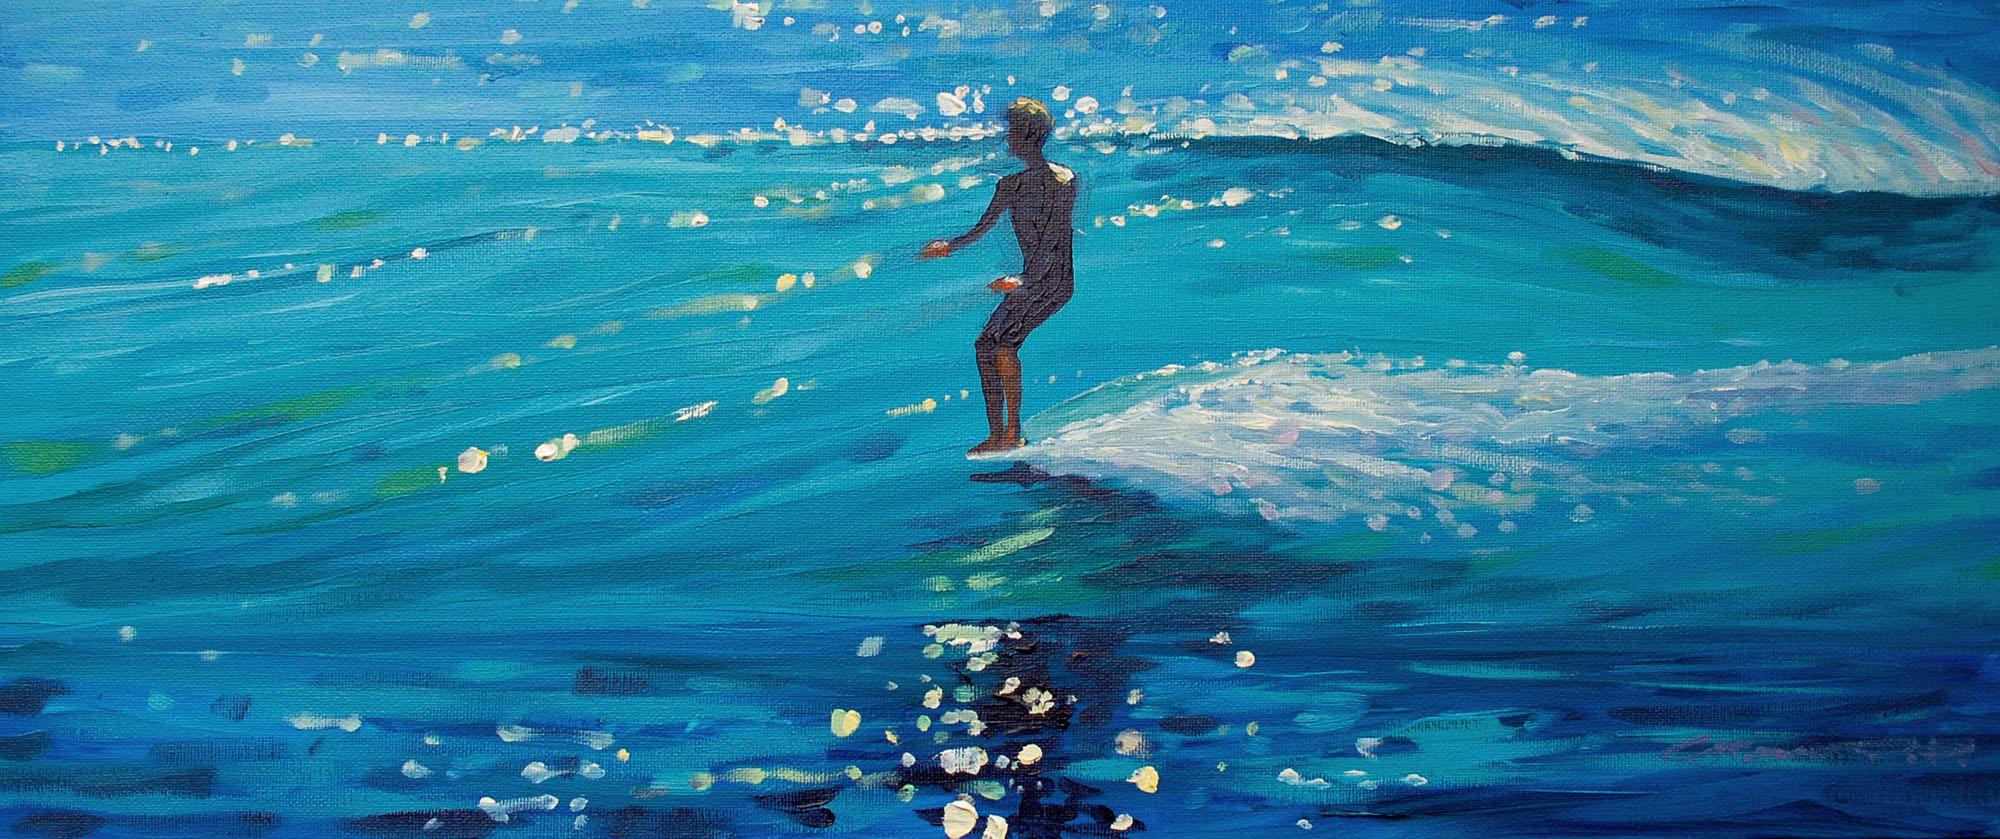 Surfing art by Woolacombe artist Steve PP